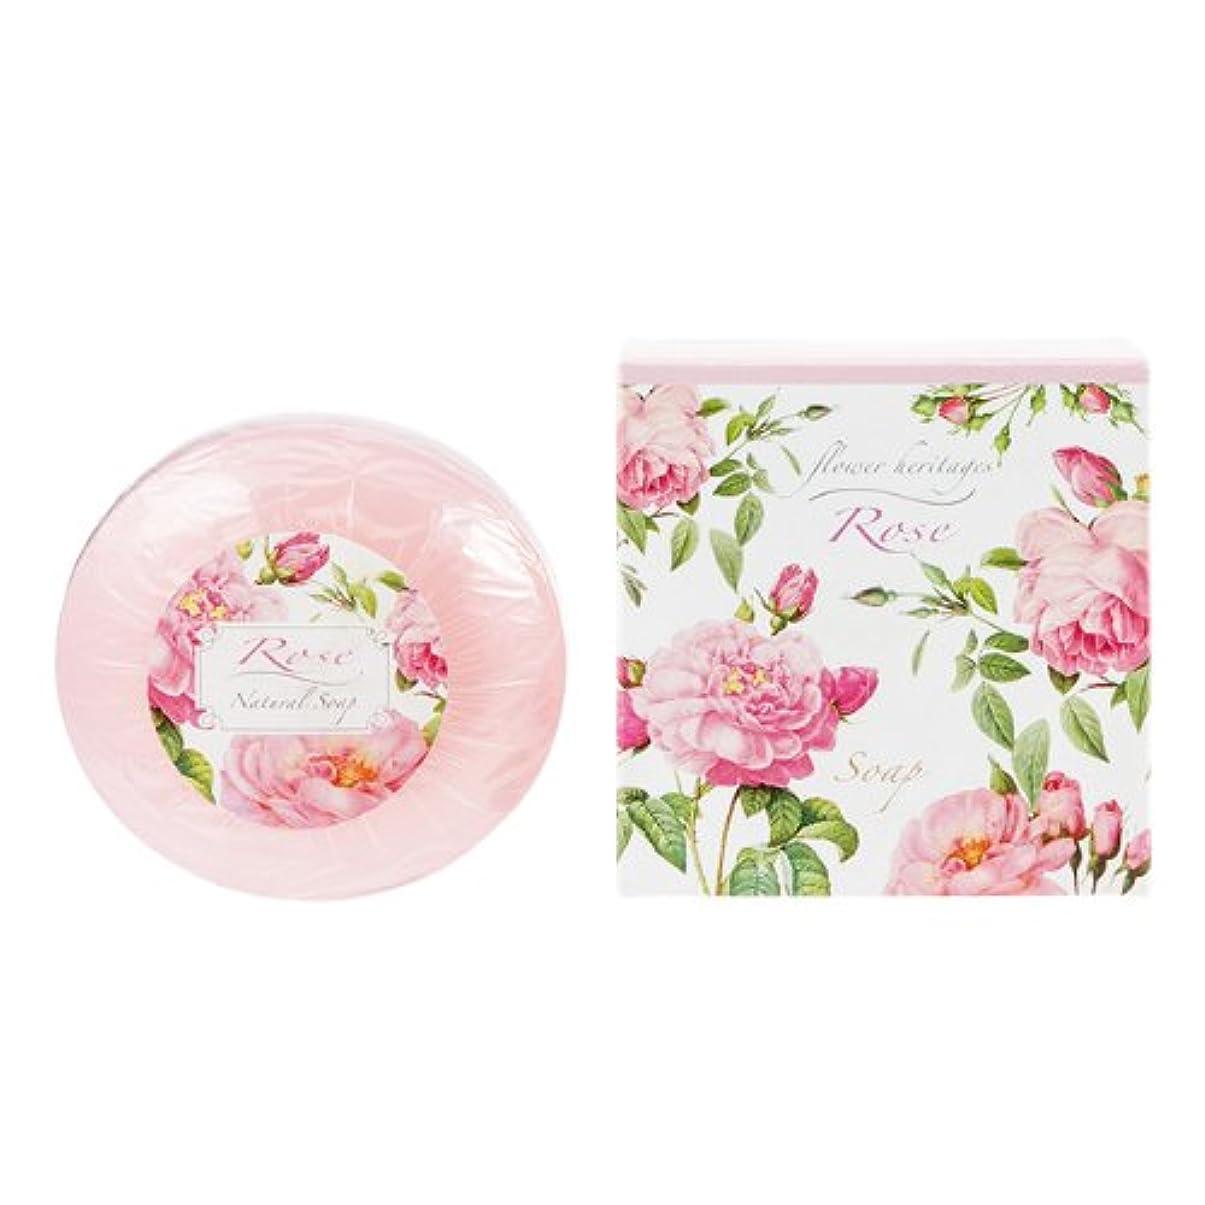 ステンレス層シルクネイチャータッチ (Nature Touch) Flower Heritage ソープ120g/ローズ